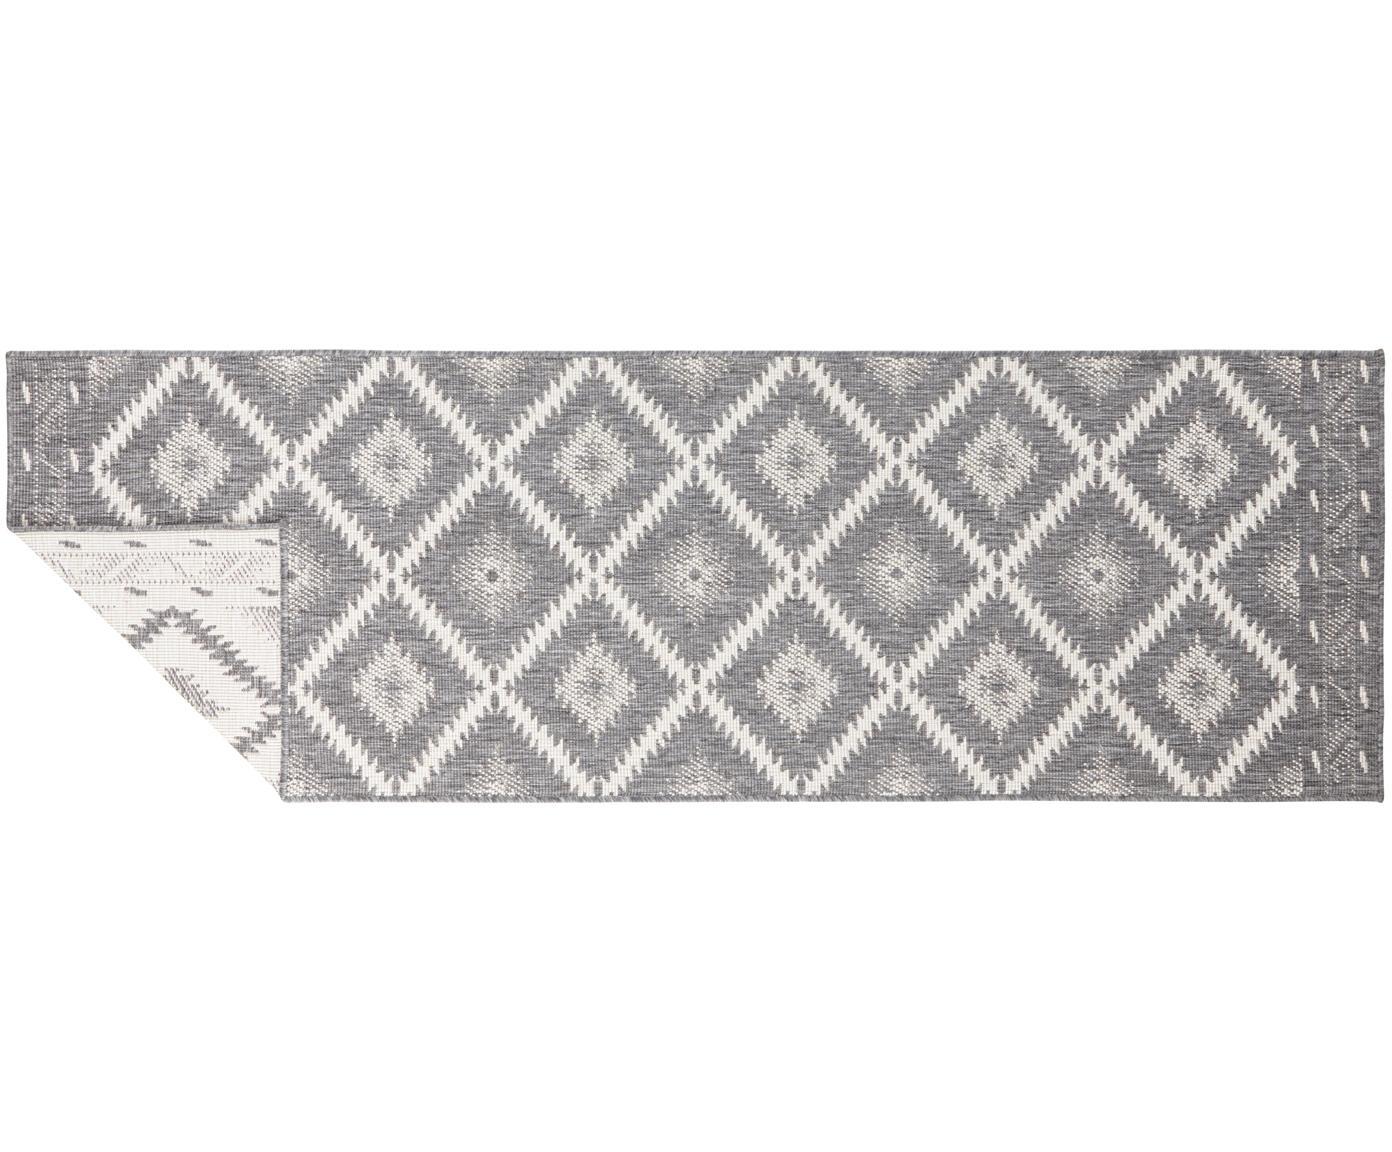 Dwustronny chodnik wewnętrzny/zewnętrzny Malibu, Szary, kremowy, S 80 x D 250 cm